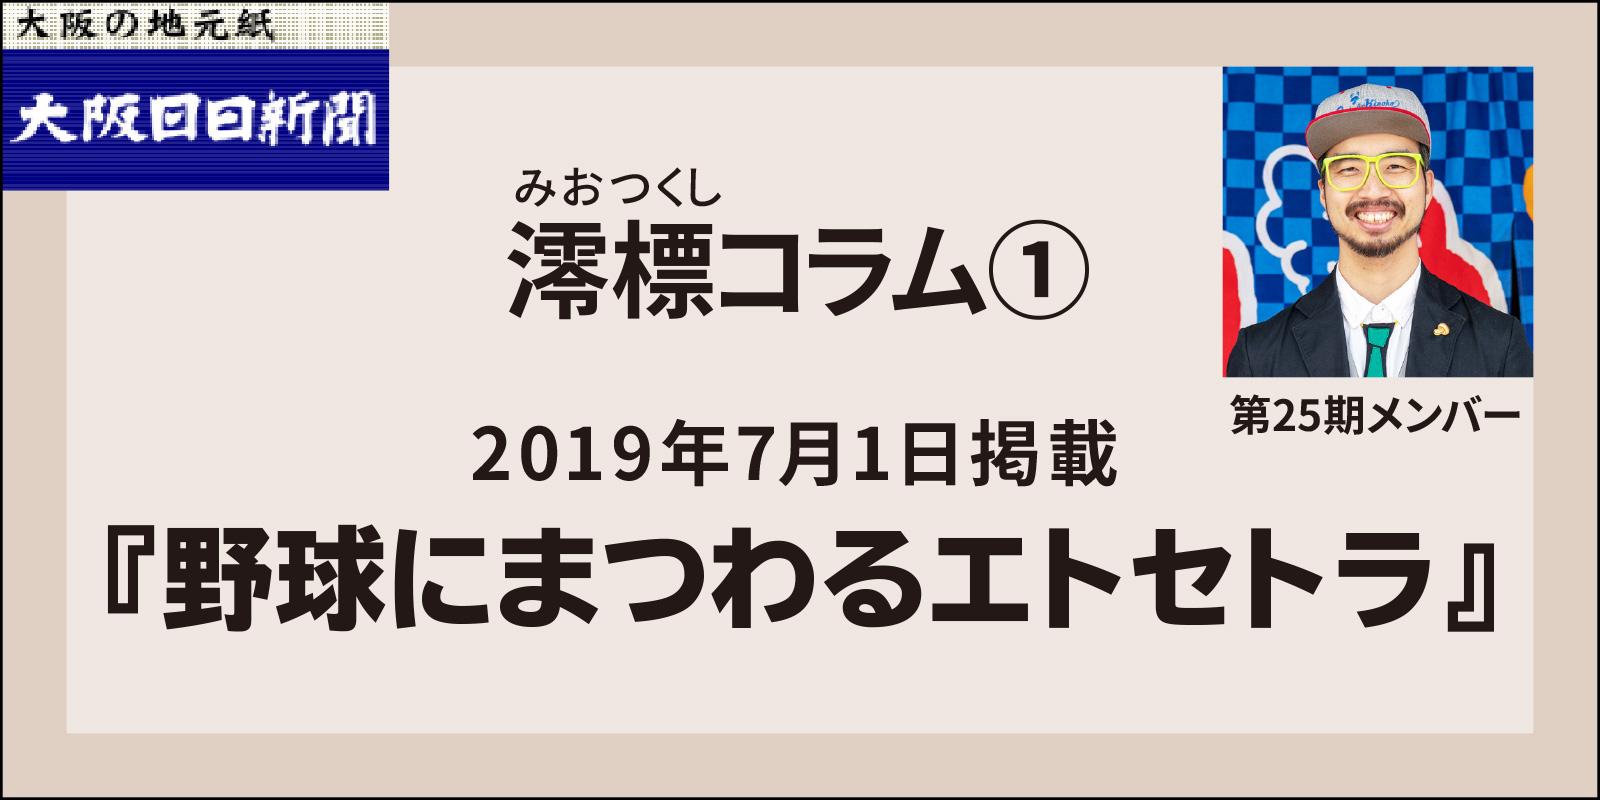 大阪日日新聞 澪標コラム 膿み出す!生み出す!(藤田ツキト)